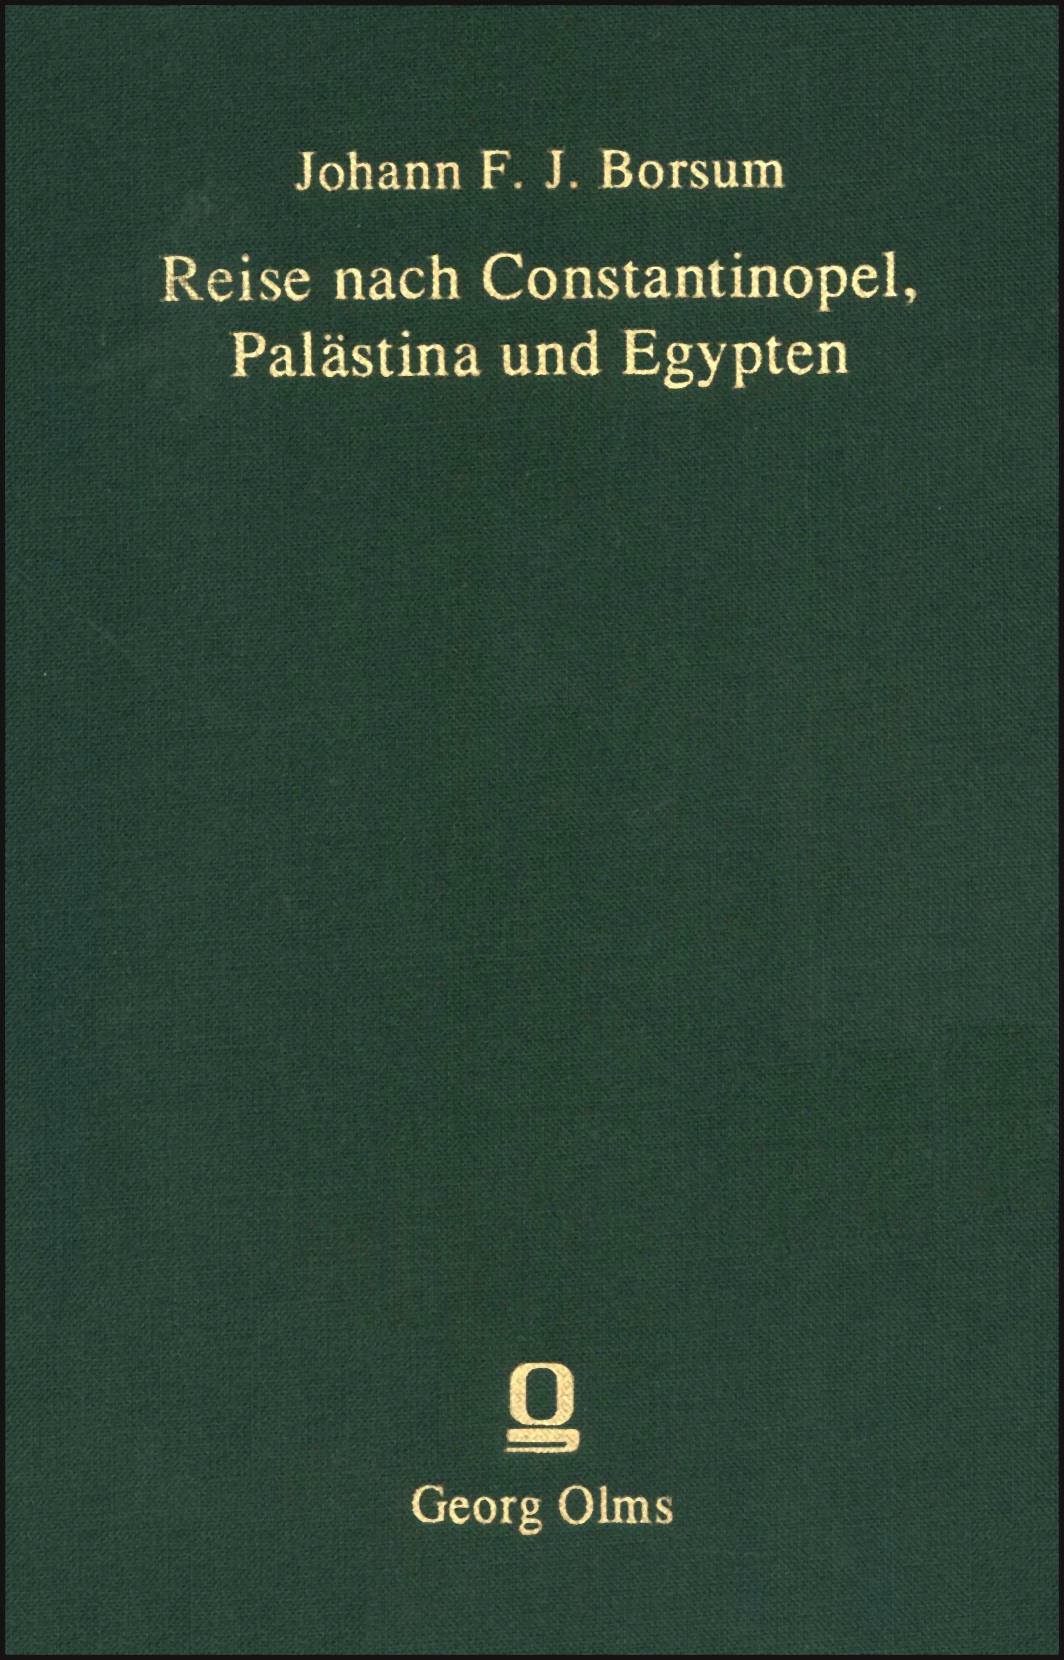 Abbildung von Borsum   Reise nach Constantinopel, Palästina und Egypten   Berlin 1825. Reprint: Hildesheim 2005.   2005